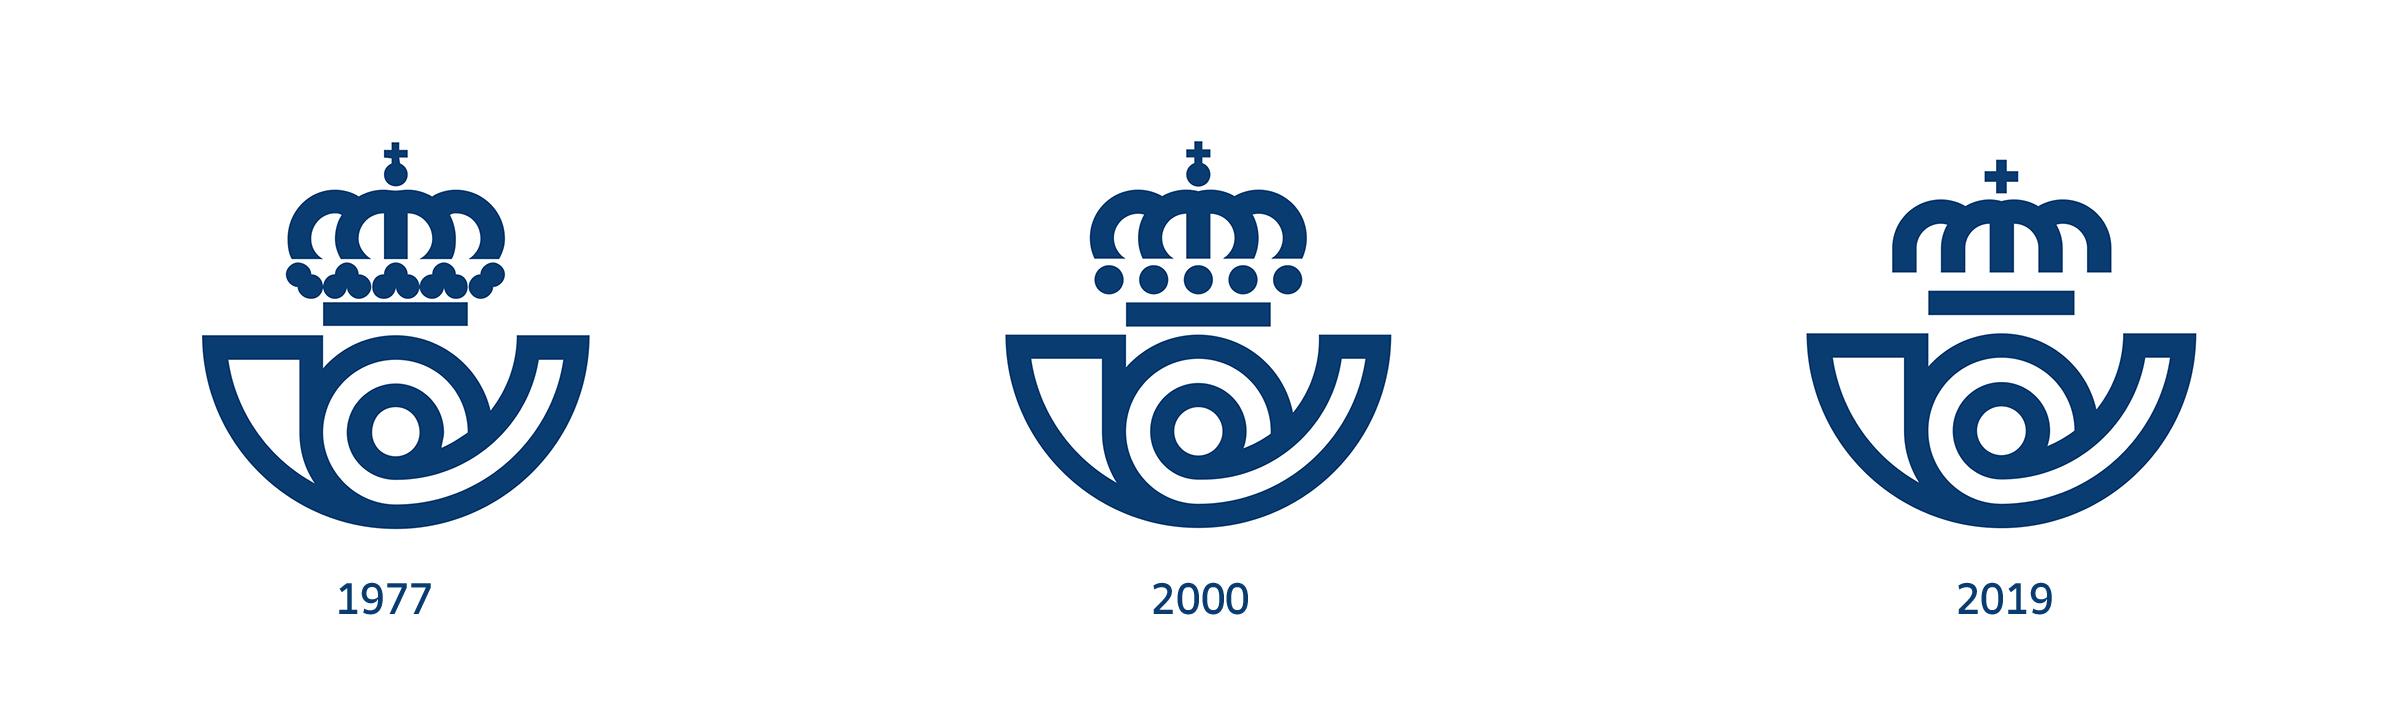 Ewolucja logo Correos od 1977